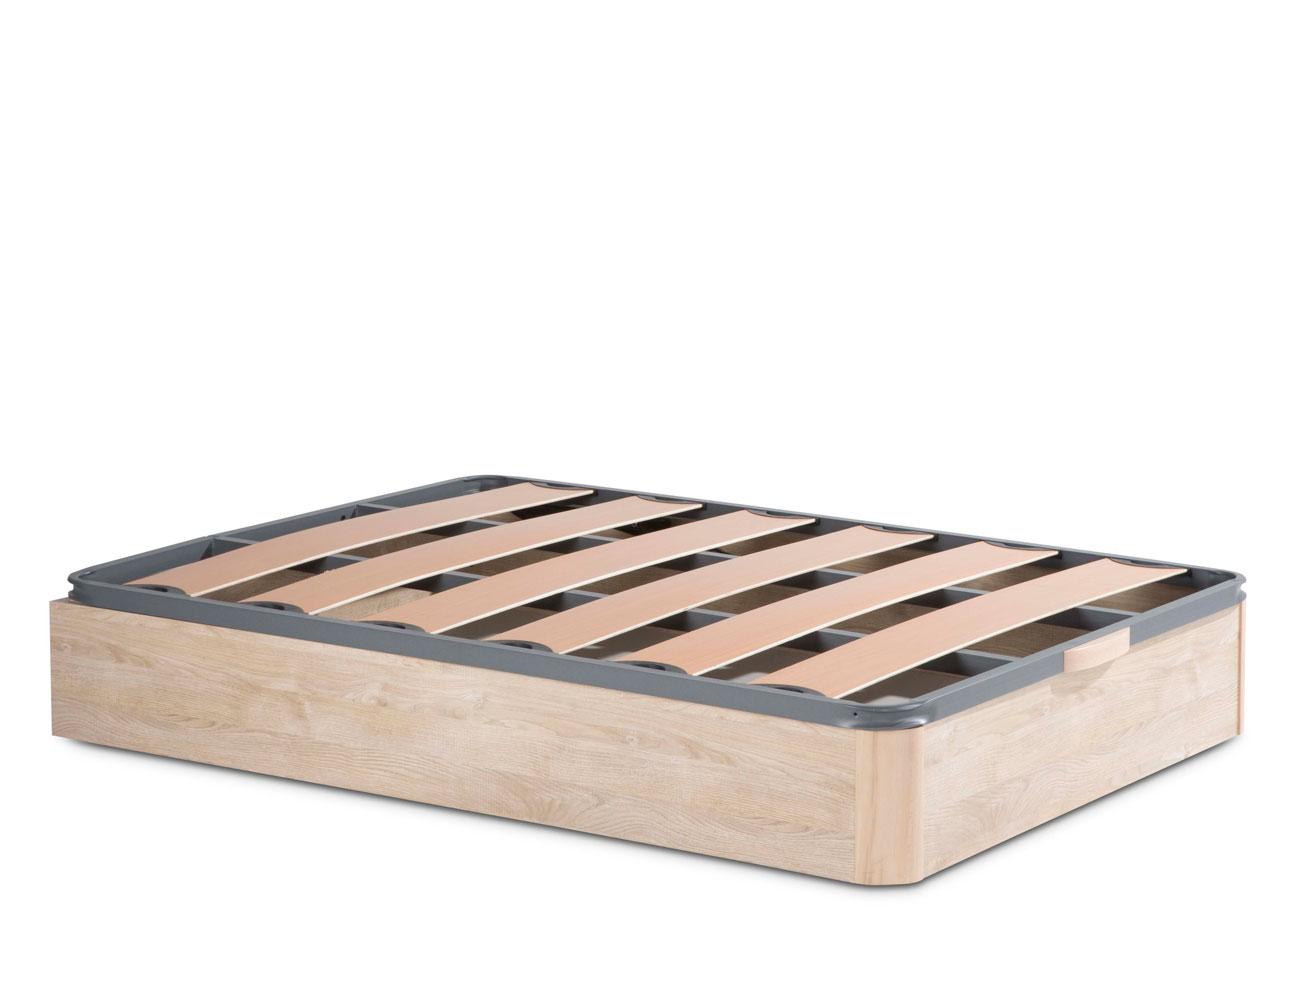 Canape madera somier laminas pvc 7823